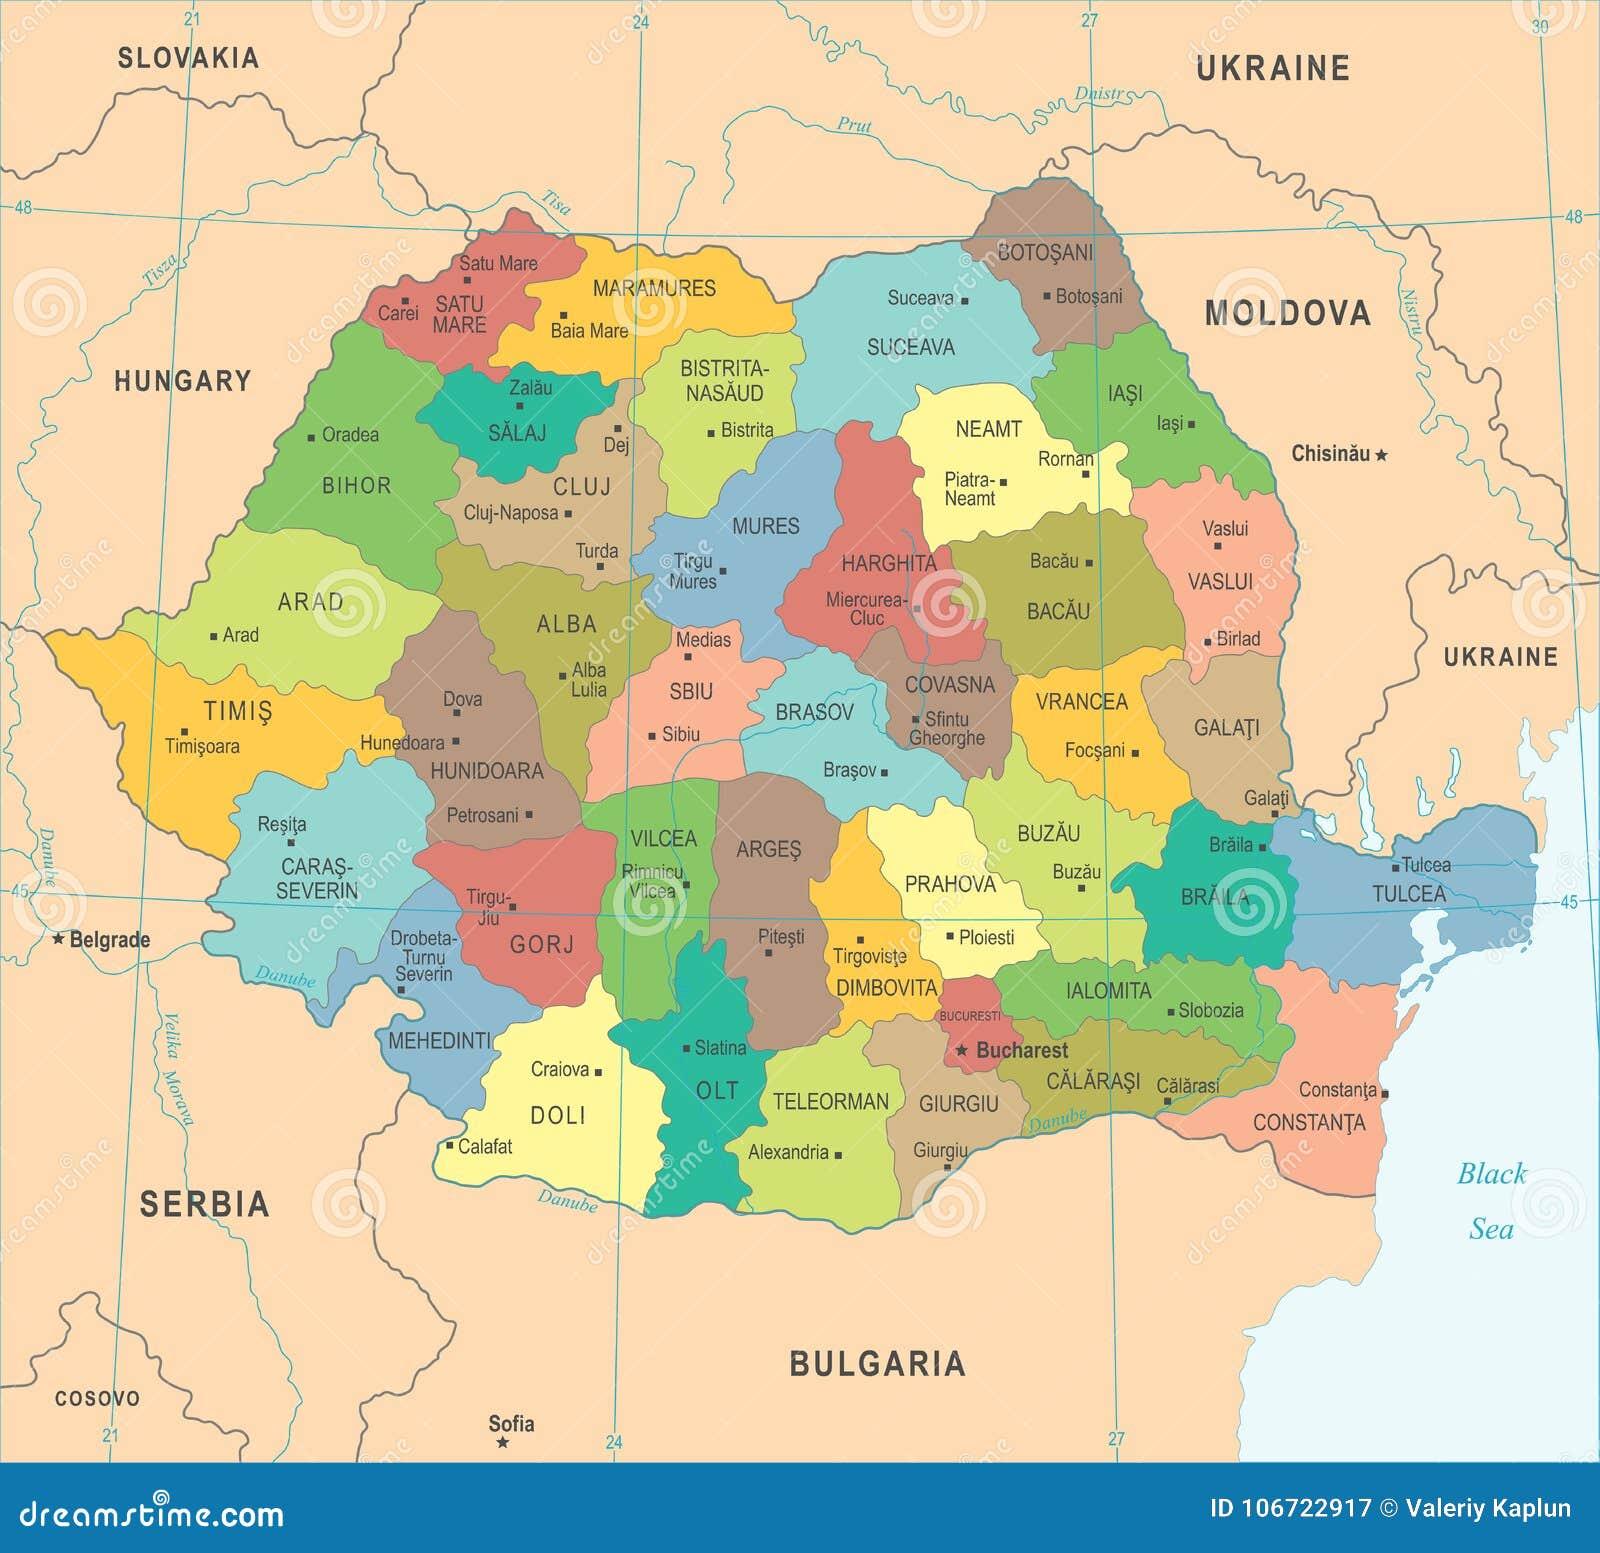 Cartina Geografica Politica Della Romania.Mappa Della Romania Illustrazione Dettagliata Di Vettore Illustrazione Di Stock Illustrazione Di Vettore Europa 106722917